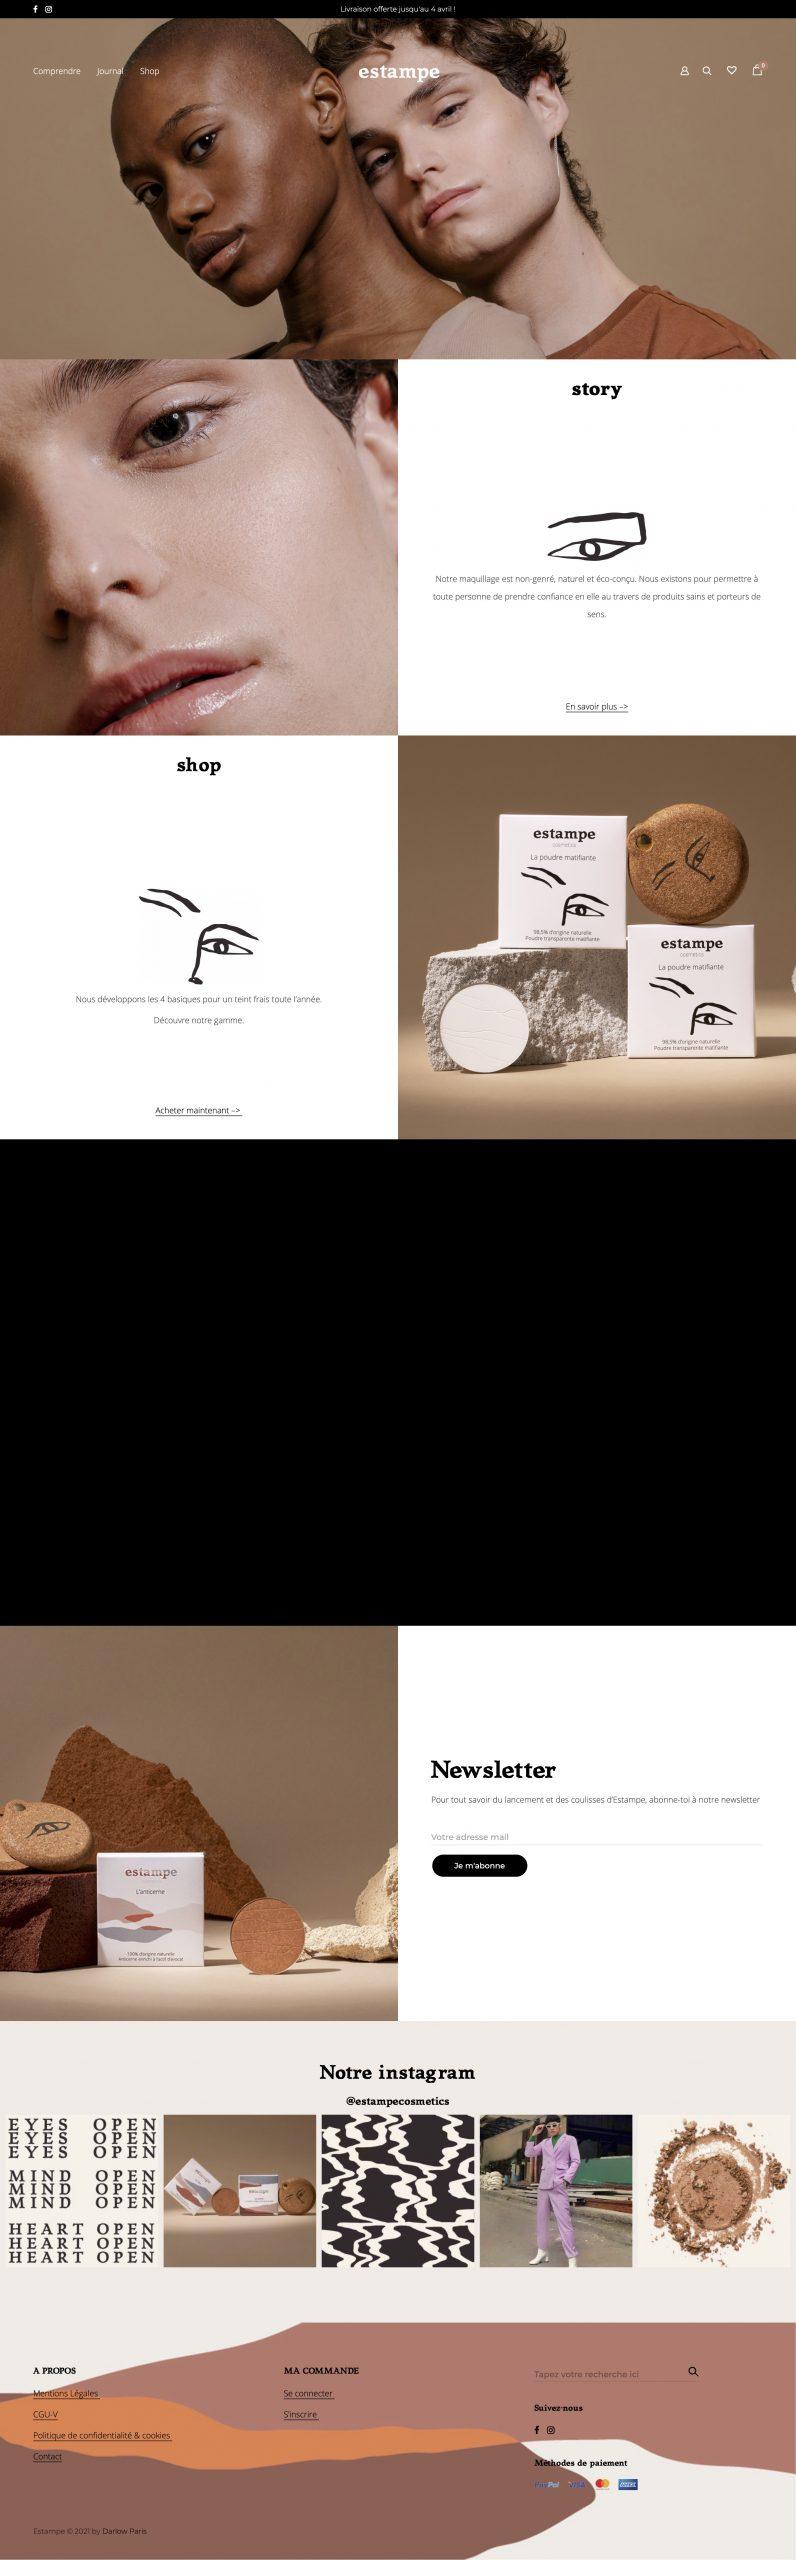 Estampe Cosmetics Home Page - Estampe Cosmetics